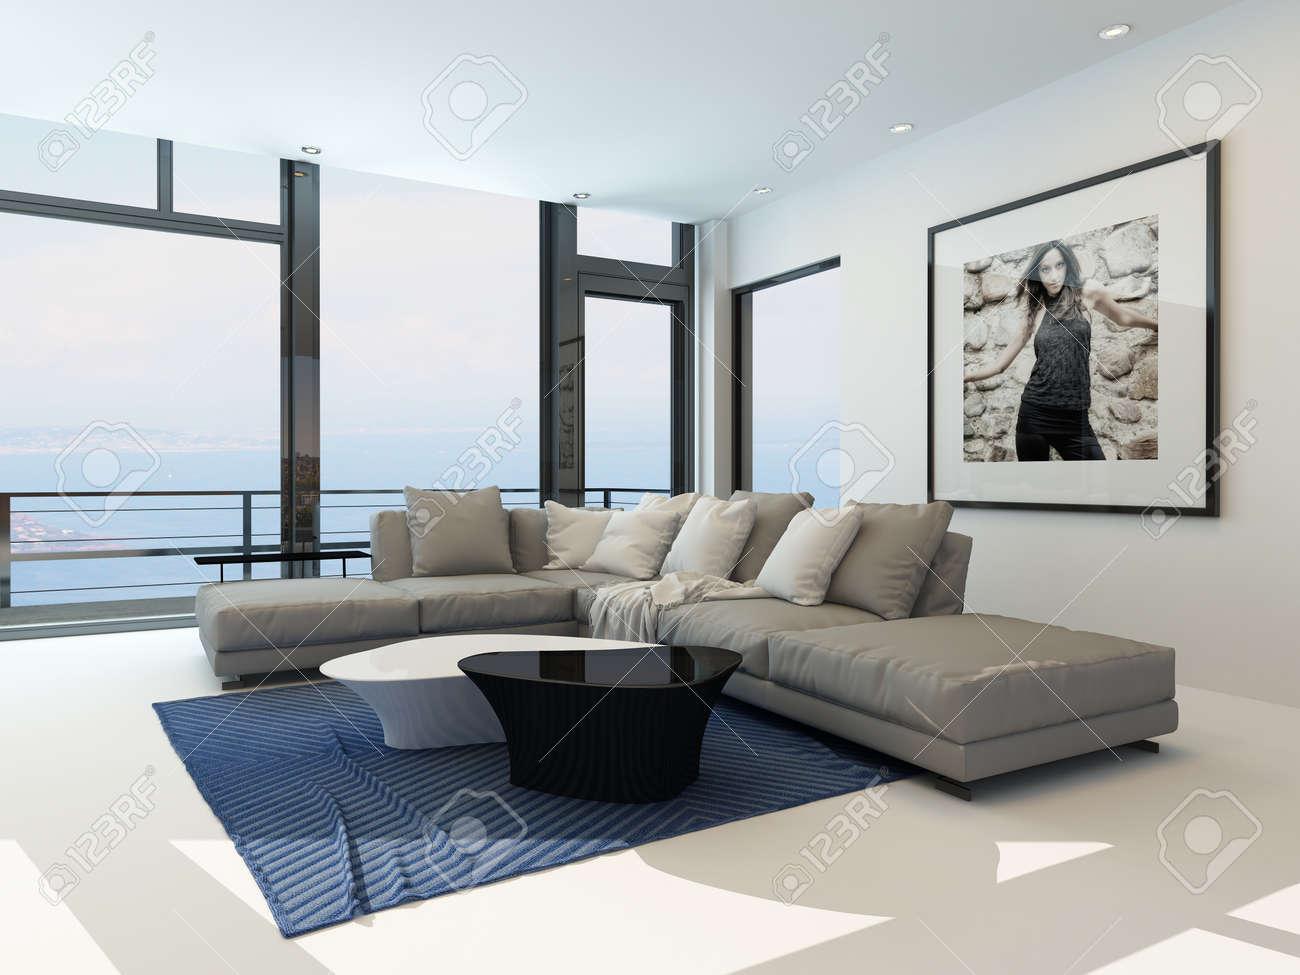 moderna lungomare soggiorno con un luminoso salone arioso interno ... - Soggiorno Luminoso